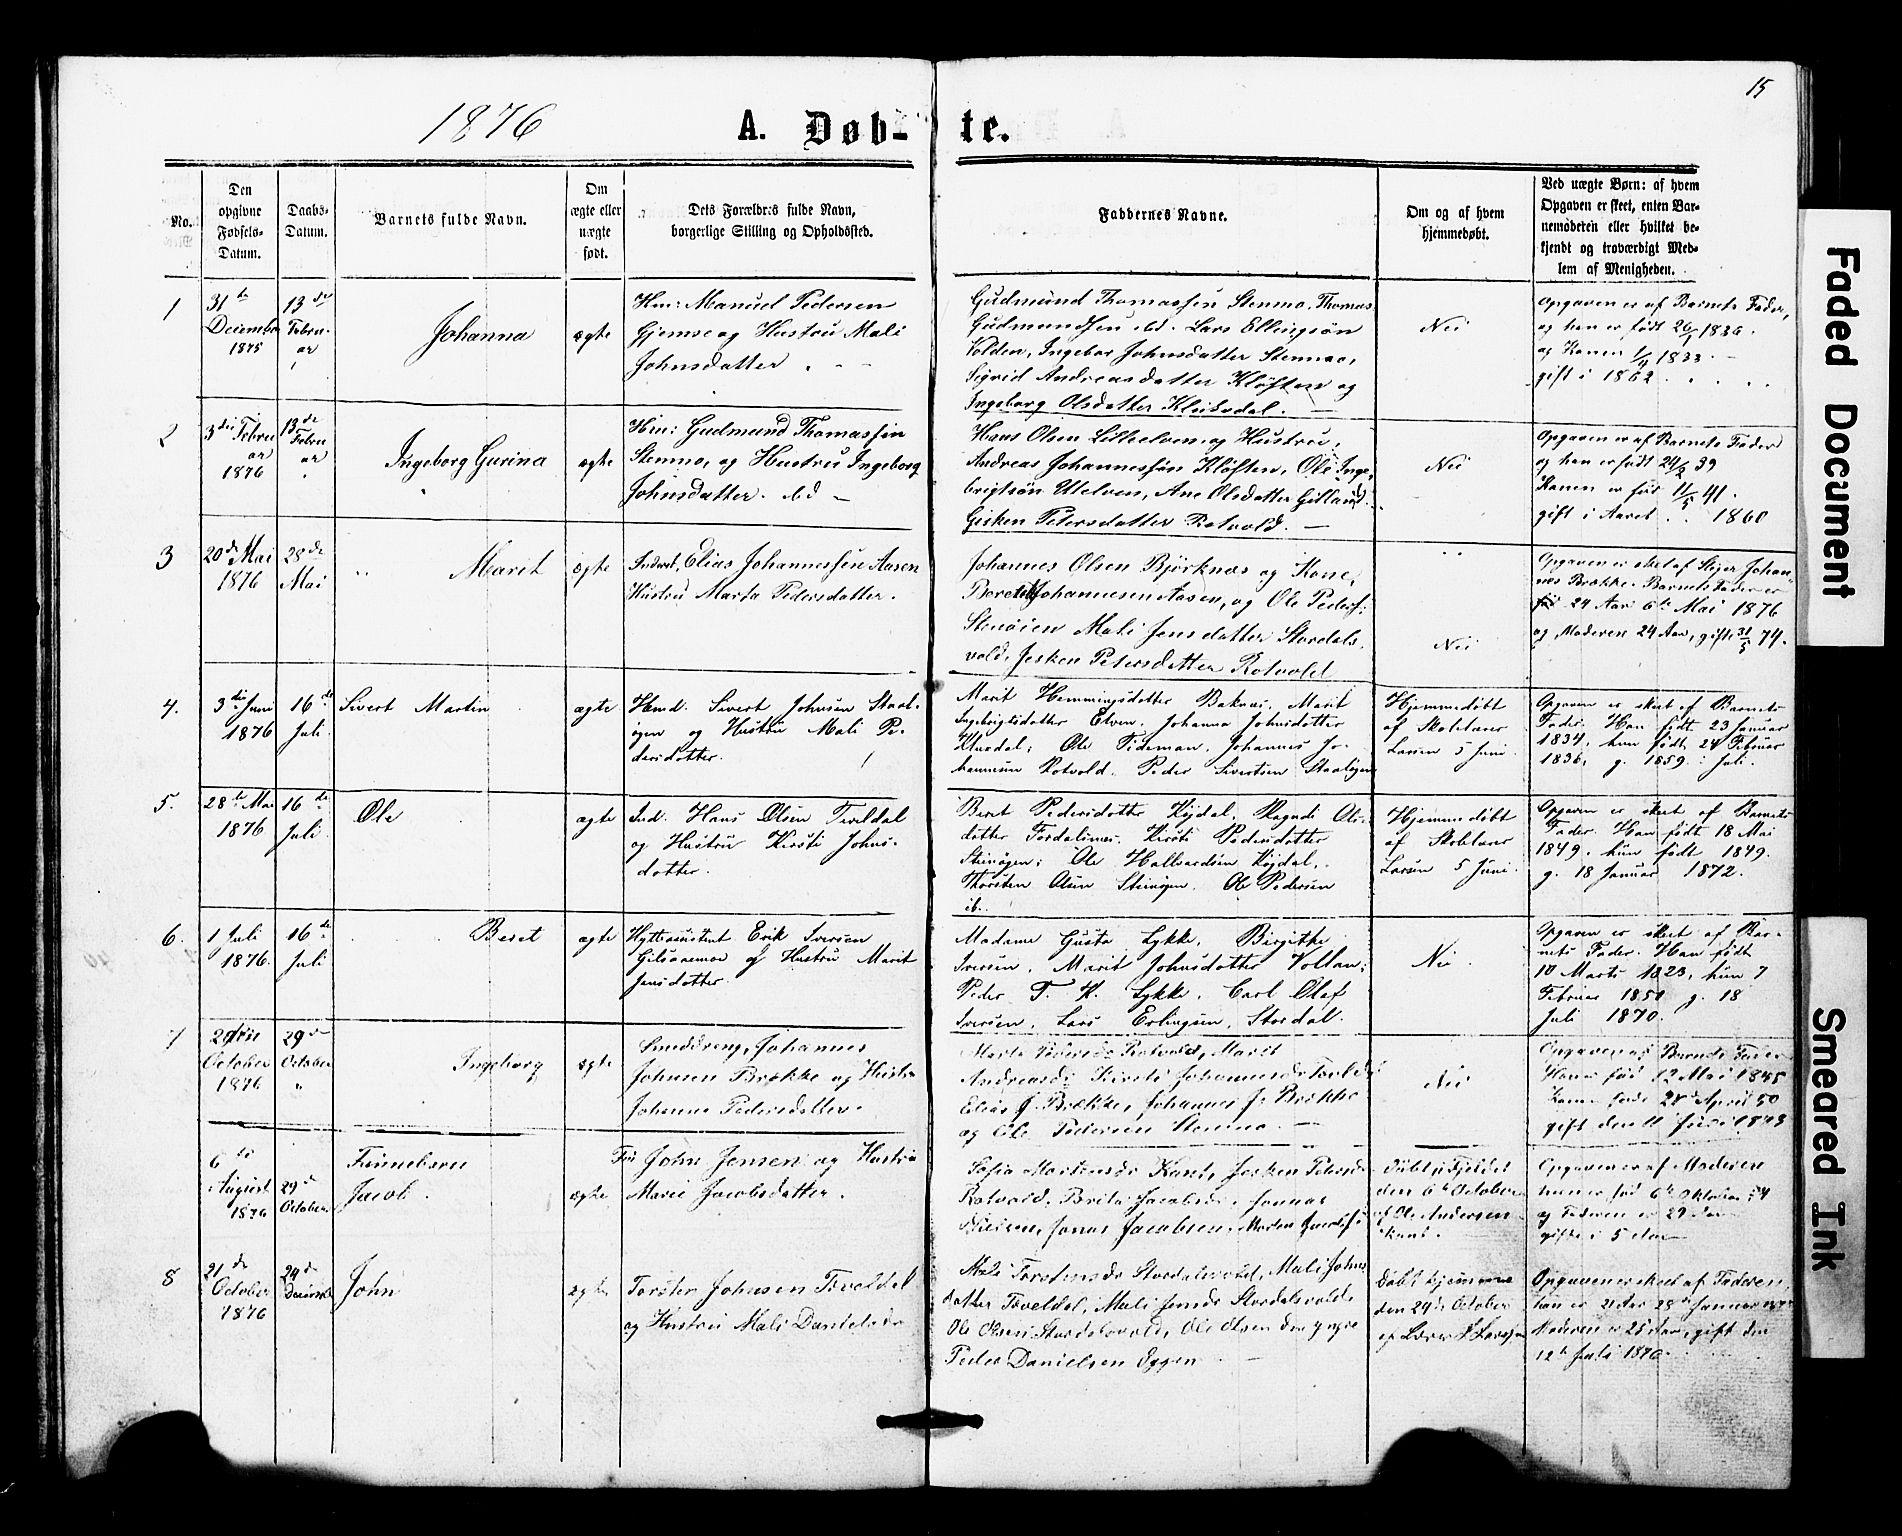 SAT, Ministerialprotokoller, klokkerbøker og fødselsregistre - Nord-Trøndelag, 707/L0052: Klokkerbok nr. 707C01, 1864-1897, s. 15